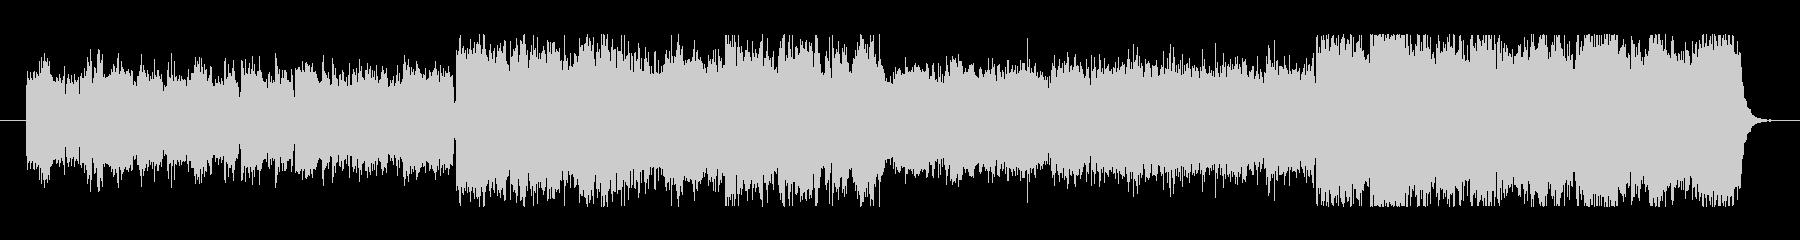 シンセサイザーによるシリアスな曲の未再生の波形